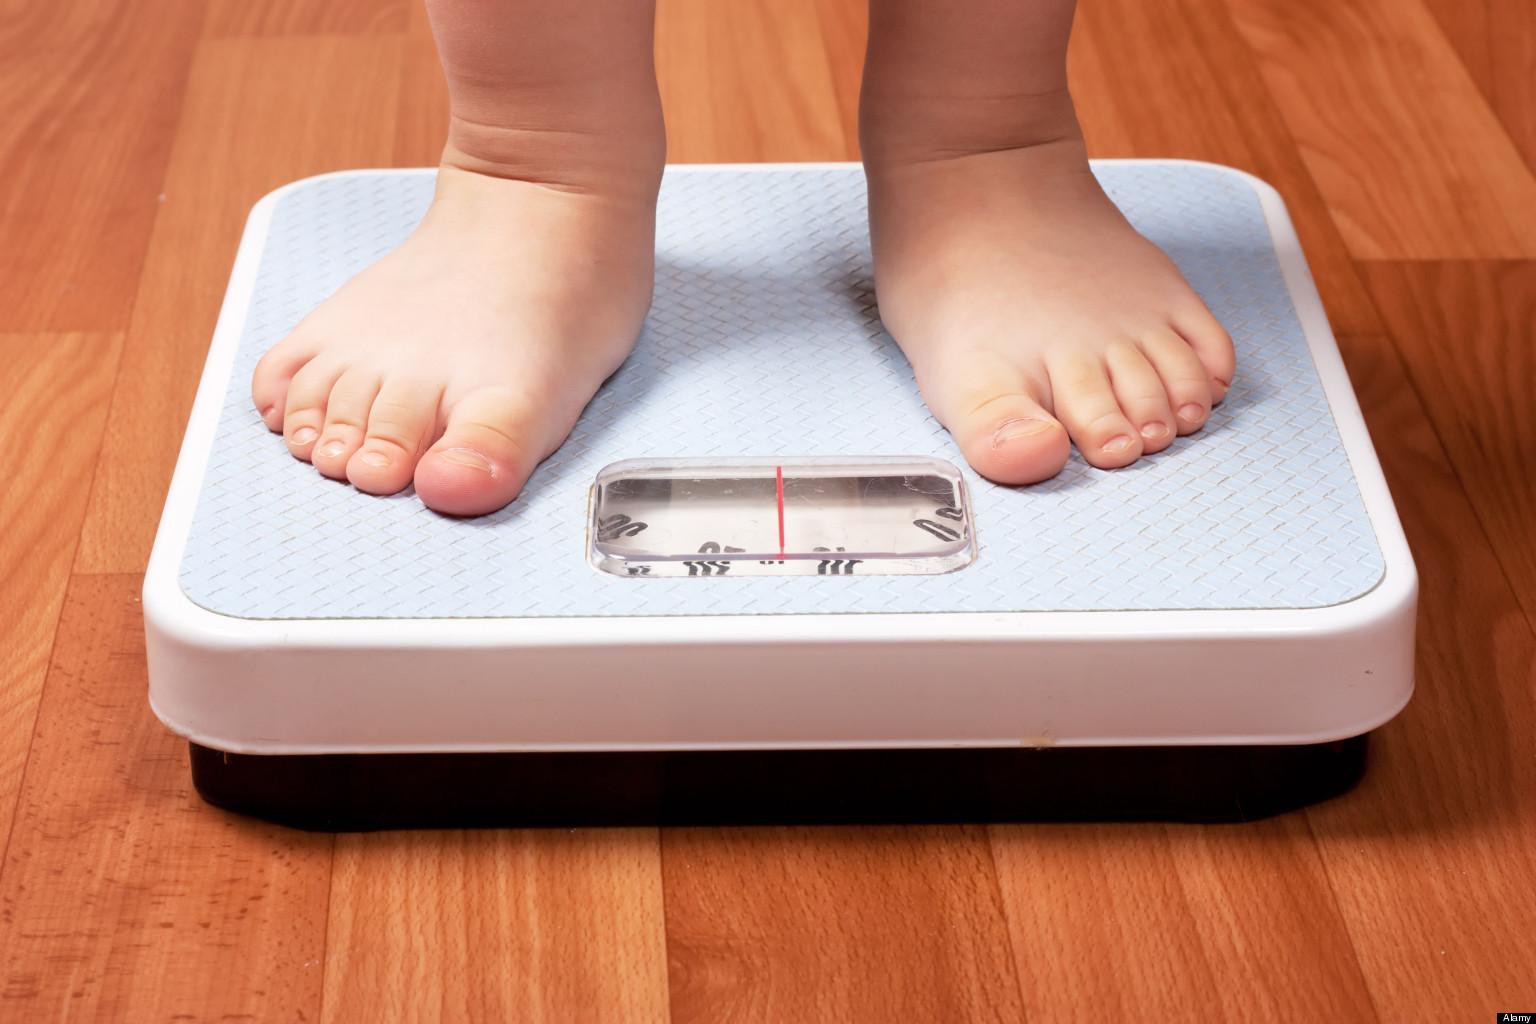 Obesità infantile: come educare i bambini ad una corretta alimentazione